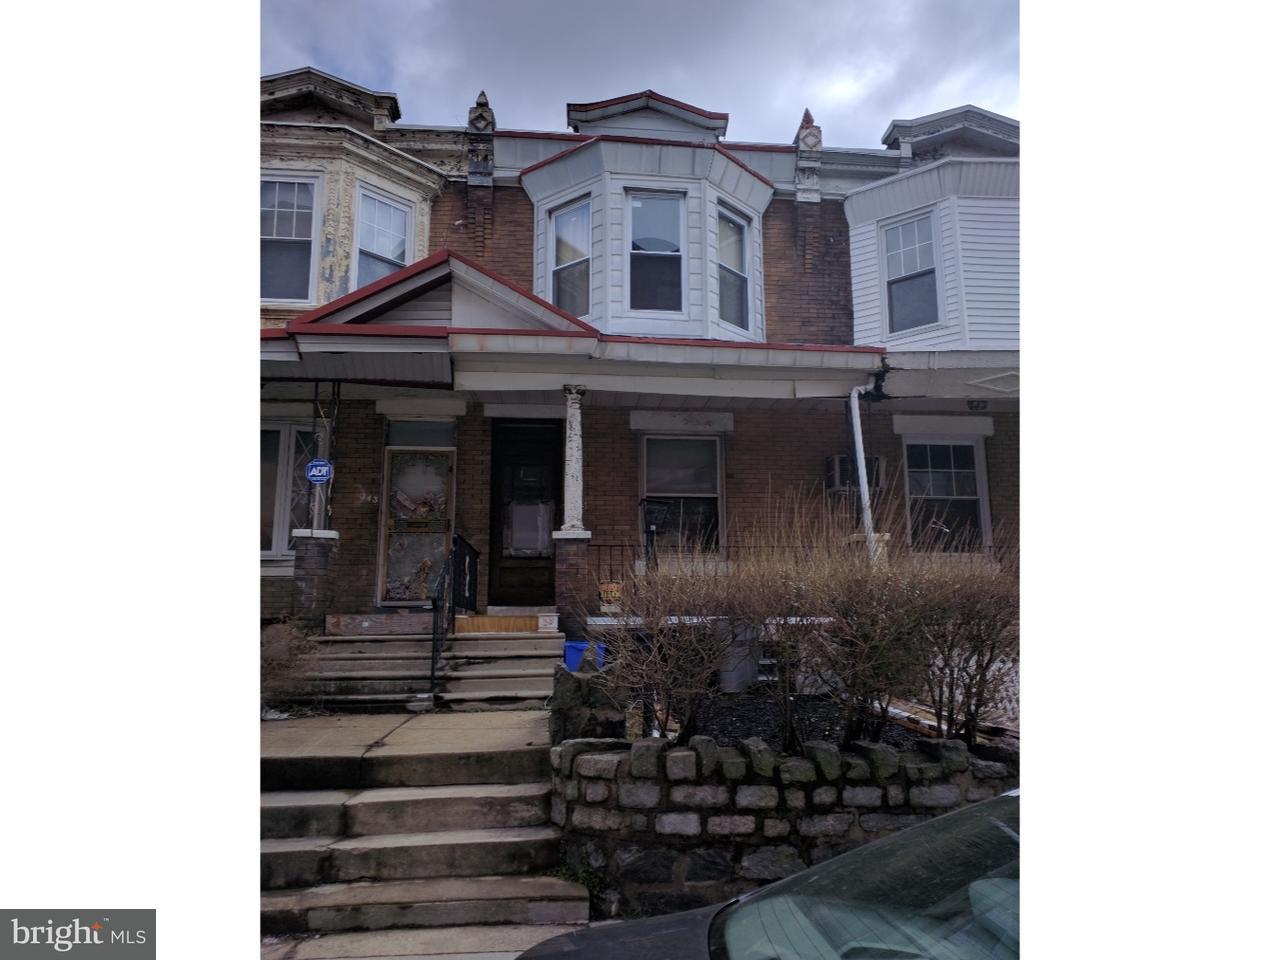 343 N Felton Philadelphia, PA 19139